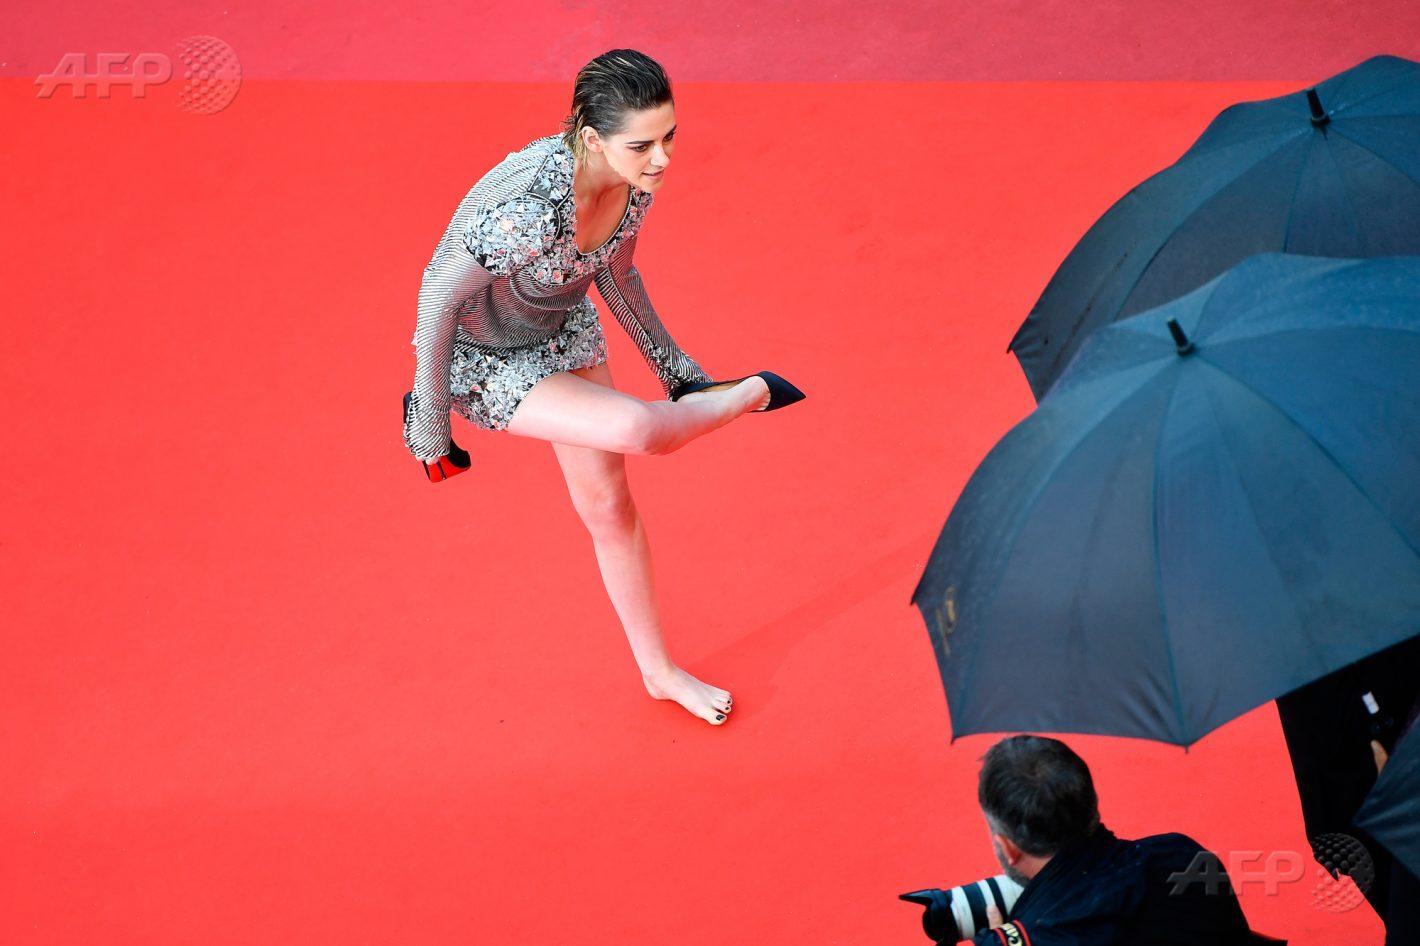 14 mai 2018 – Cannes - L'actrice américaine Kristen Stewart, membre du jury pour le meilleur long-métrage, retire ses chaussures à son arrivée pour la projection du film «BlacKkKlansman», lors de la 71ème édition du Festival de Cannes. AFP / Alberto PIZZOLI